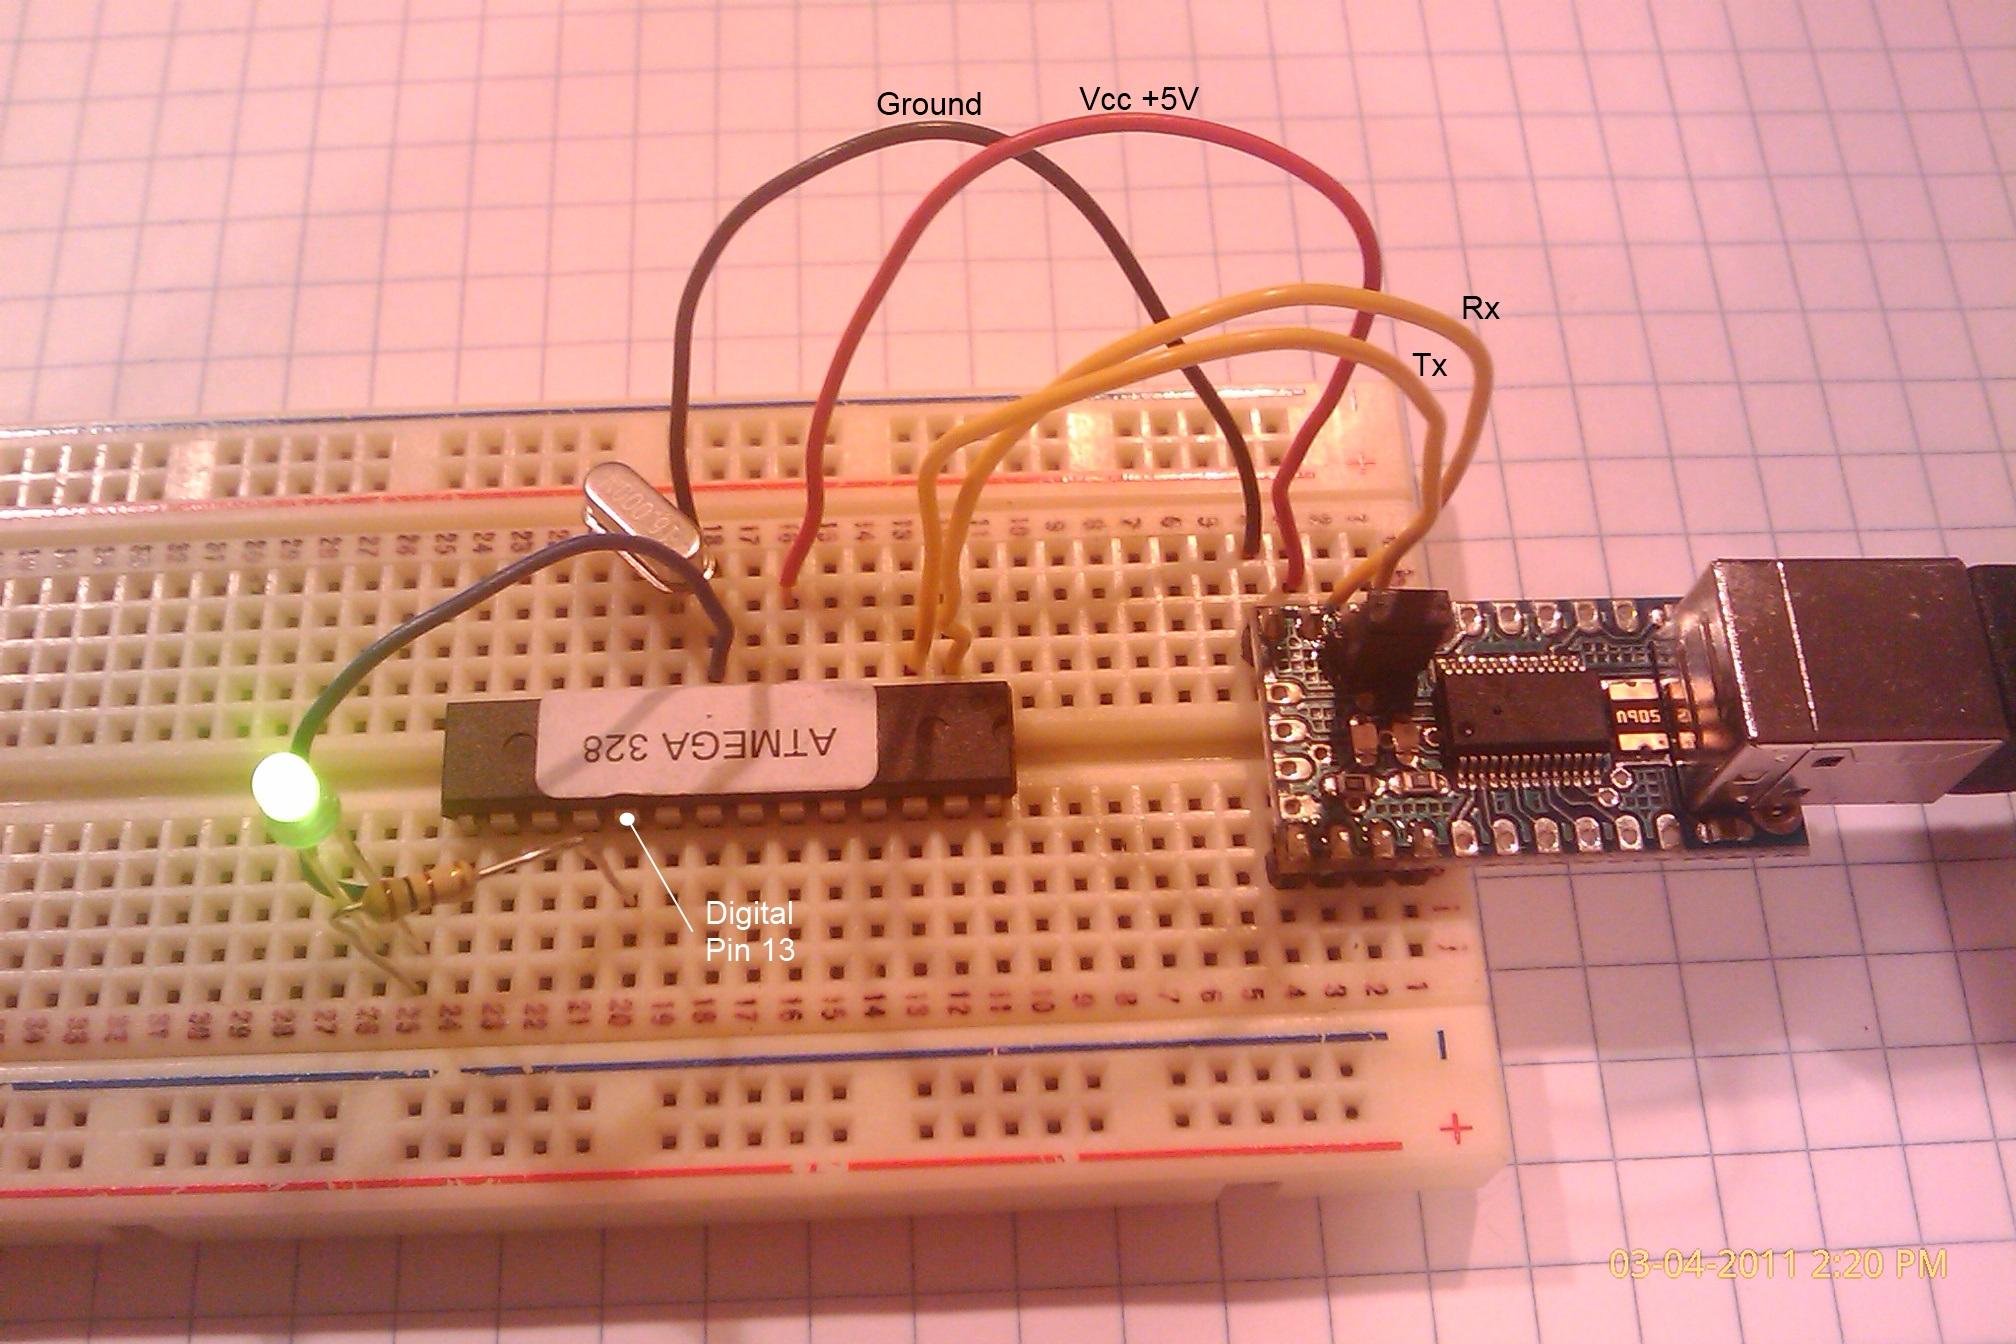 A basic Arduino clone